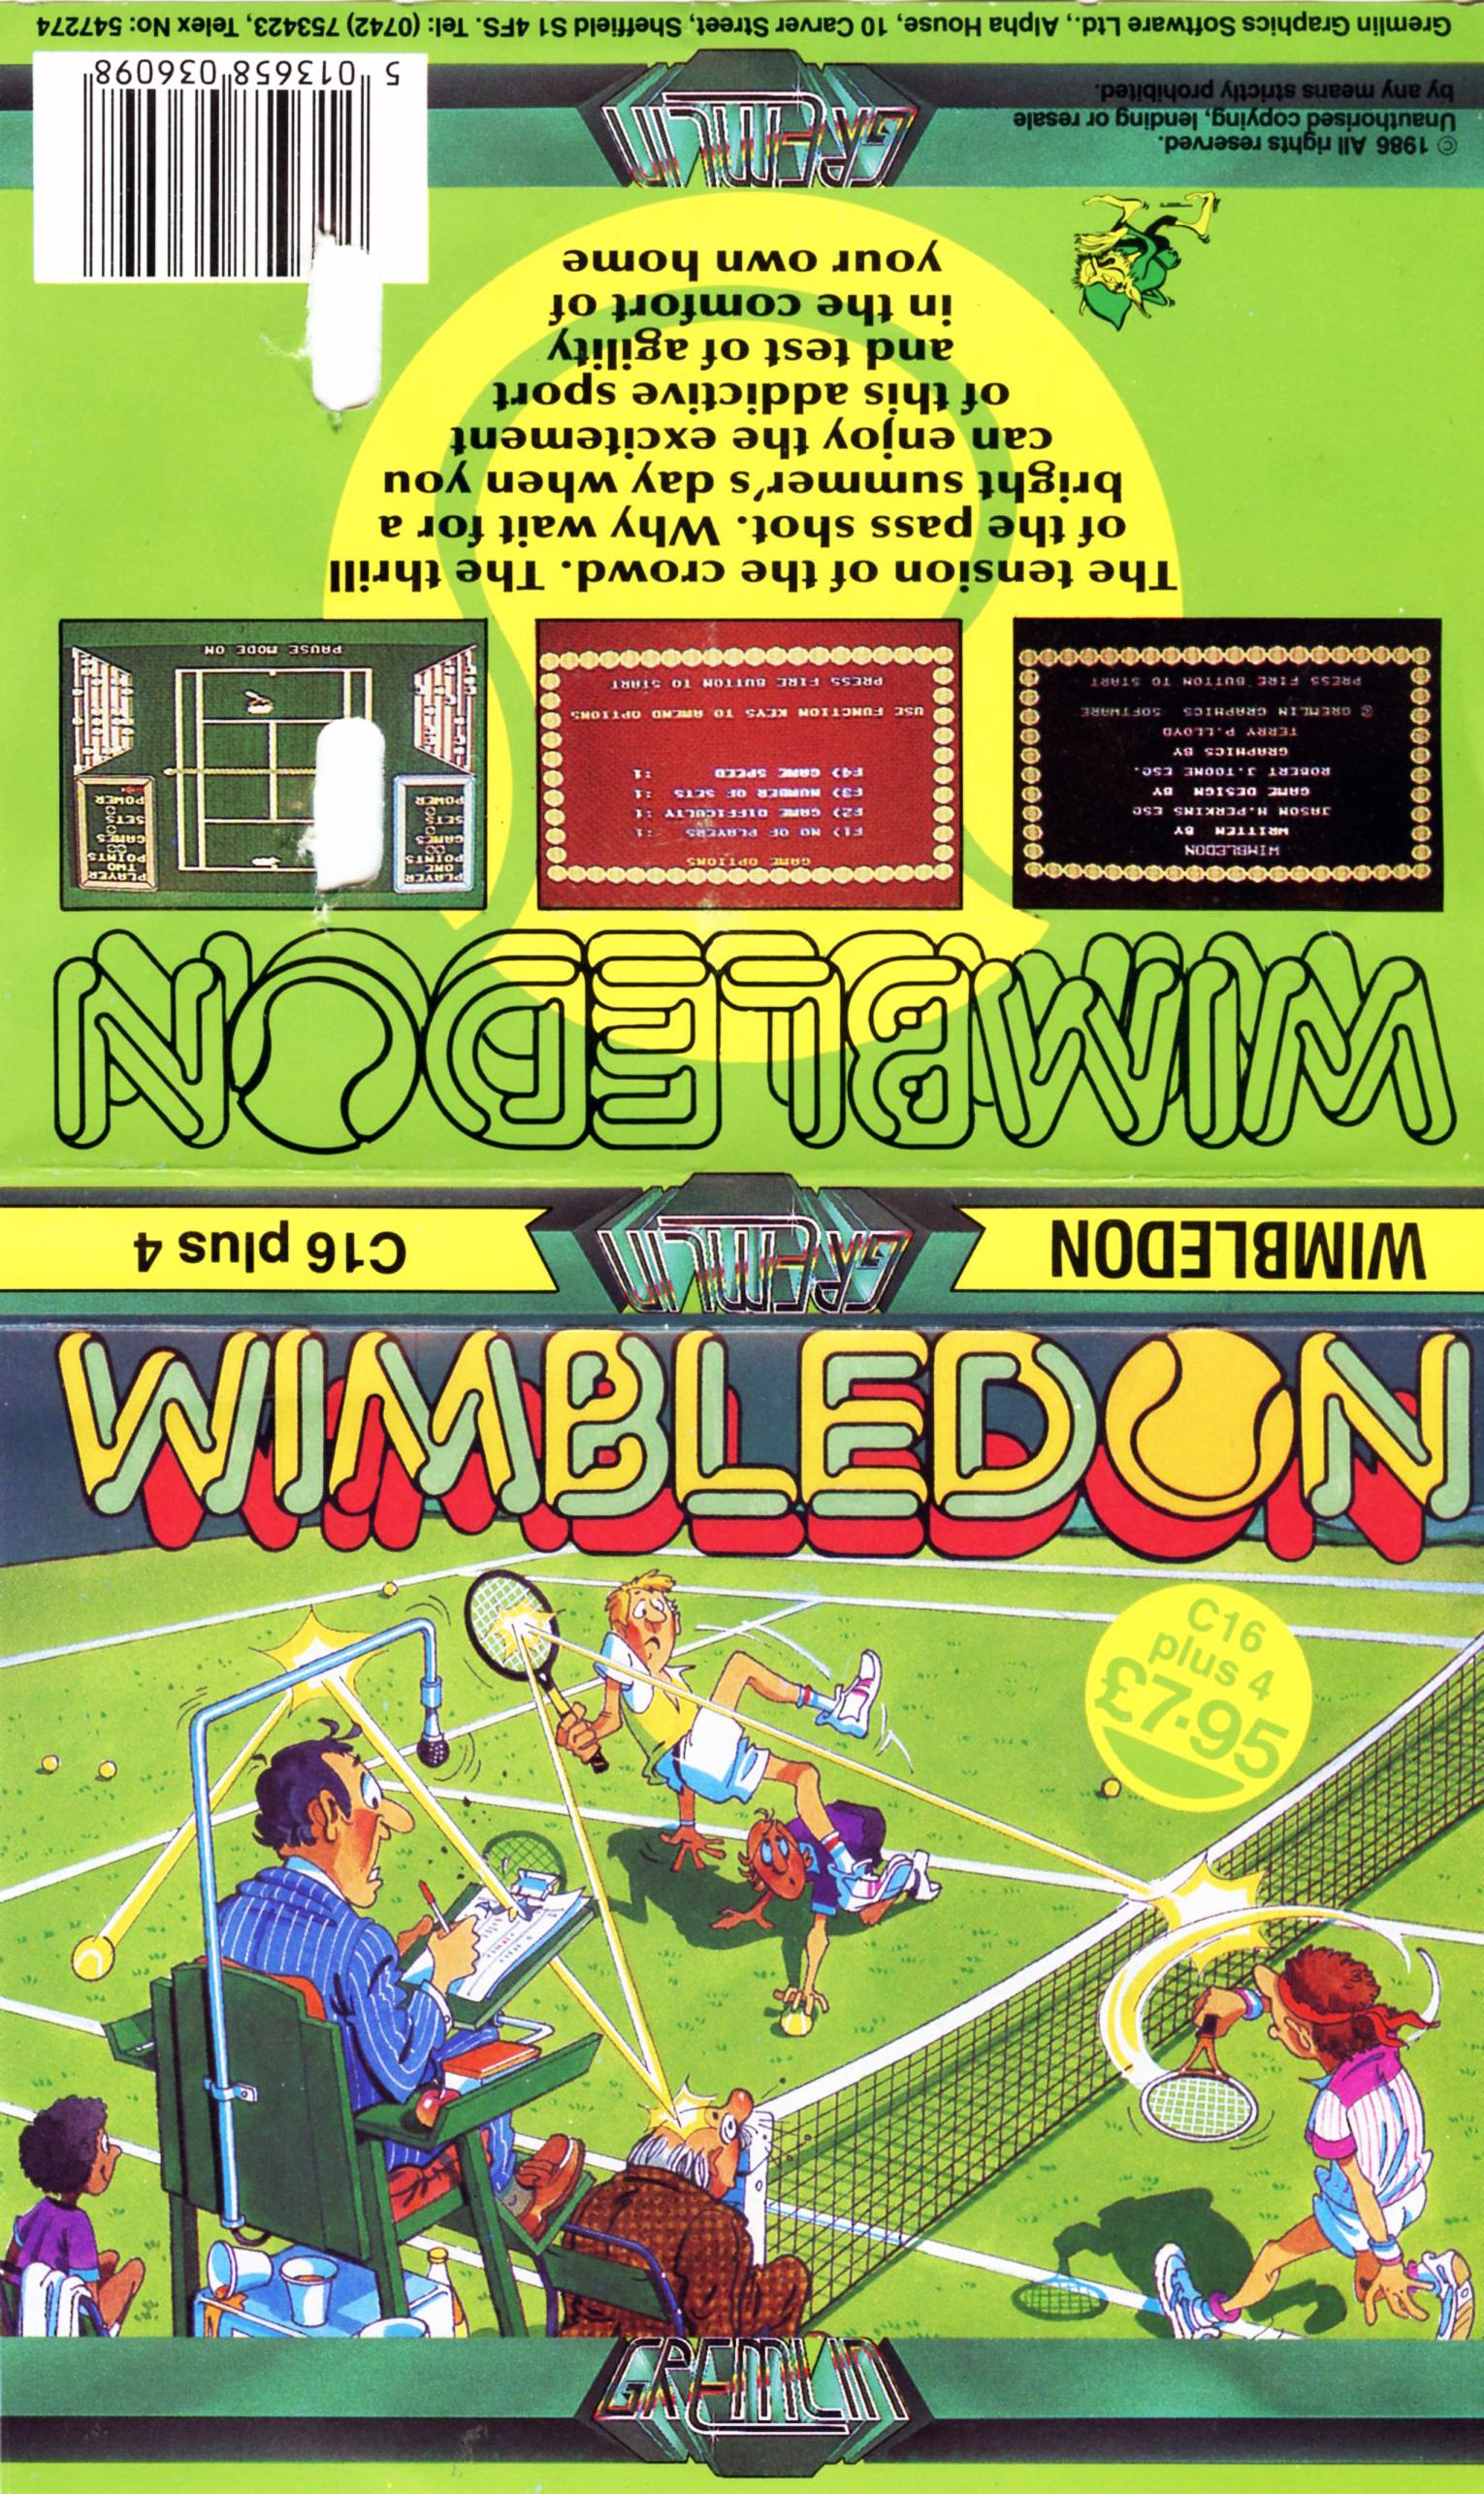 Wimbledon (C16)